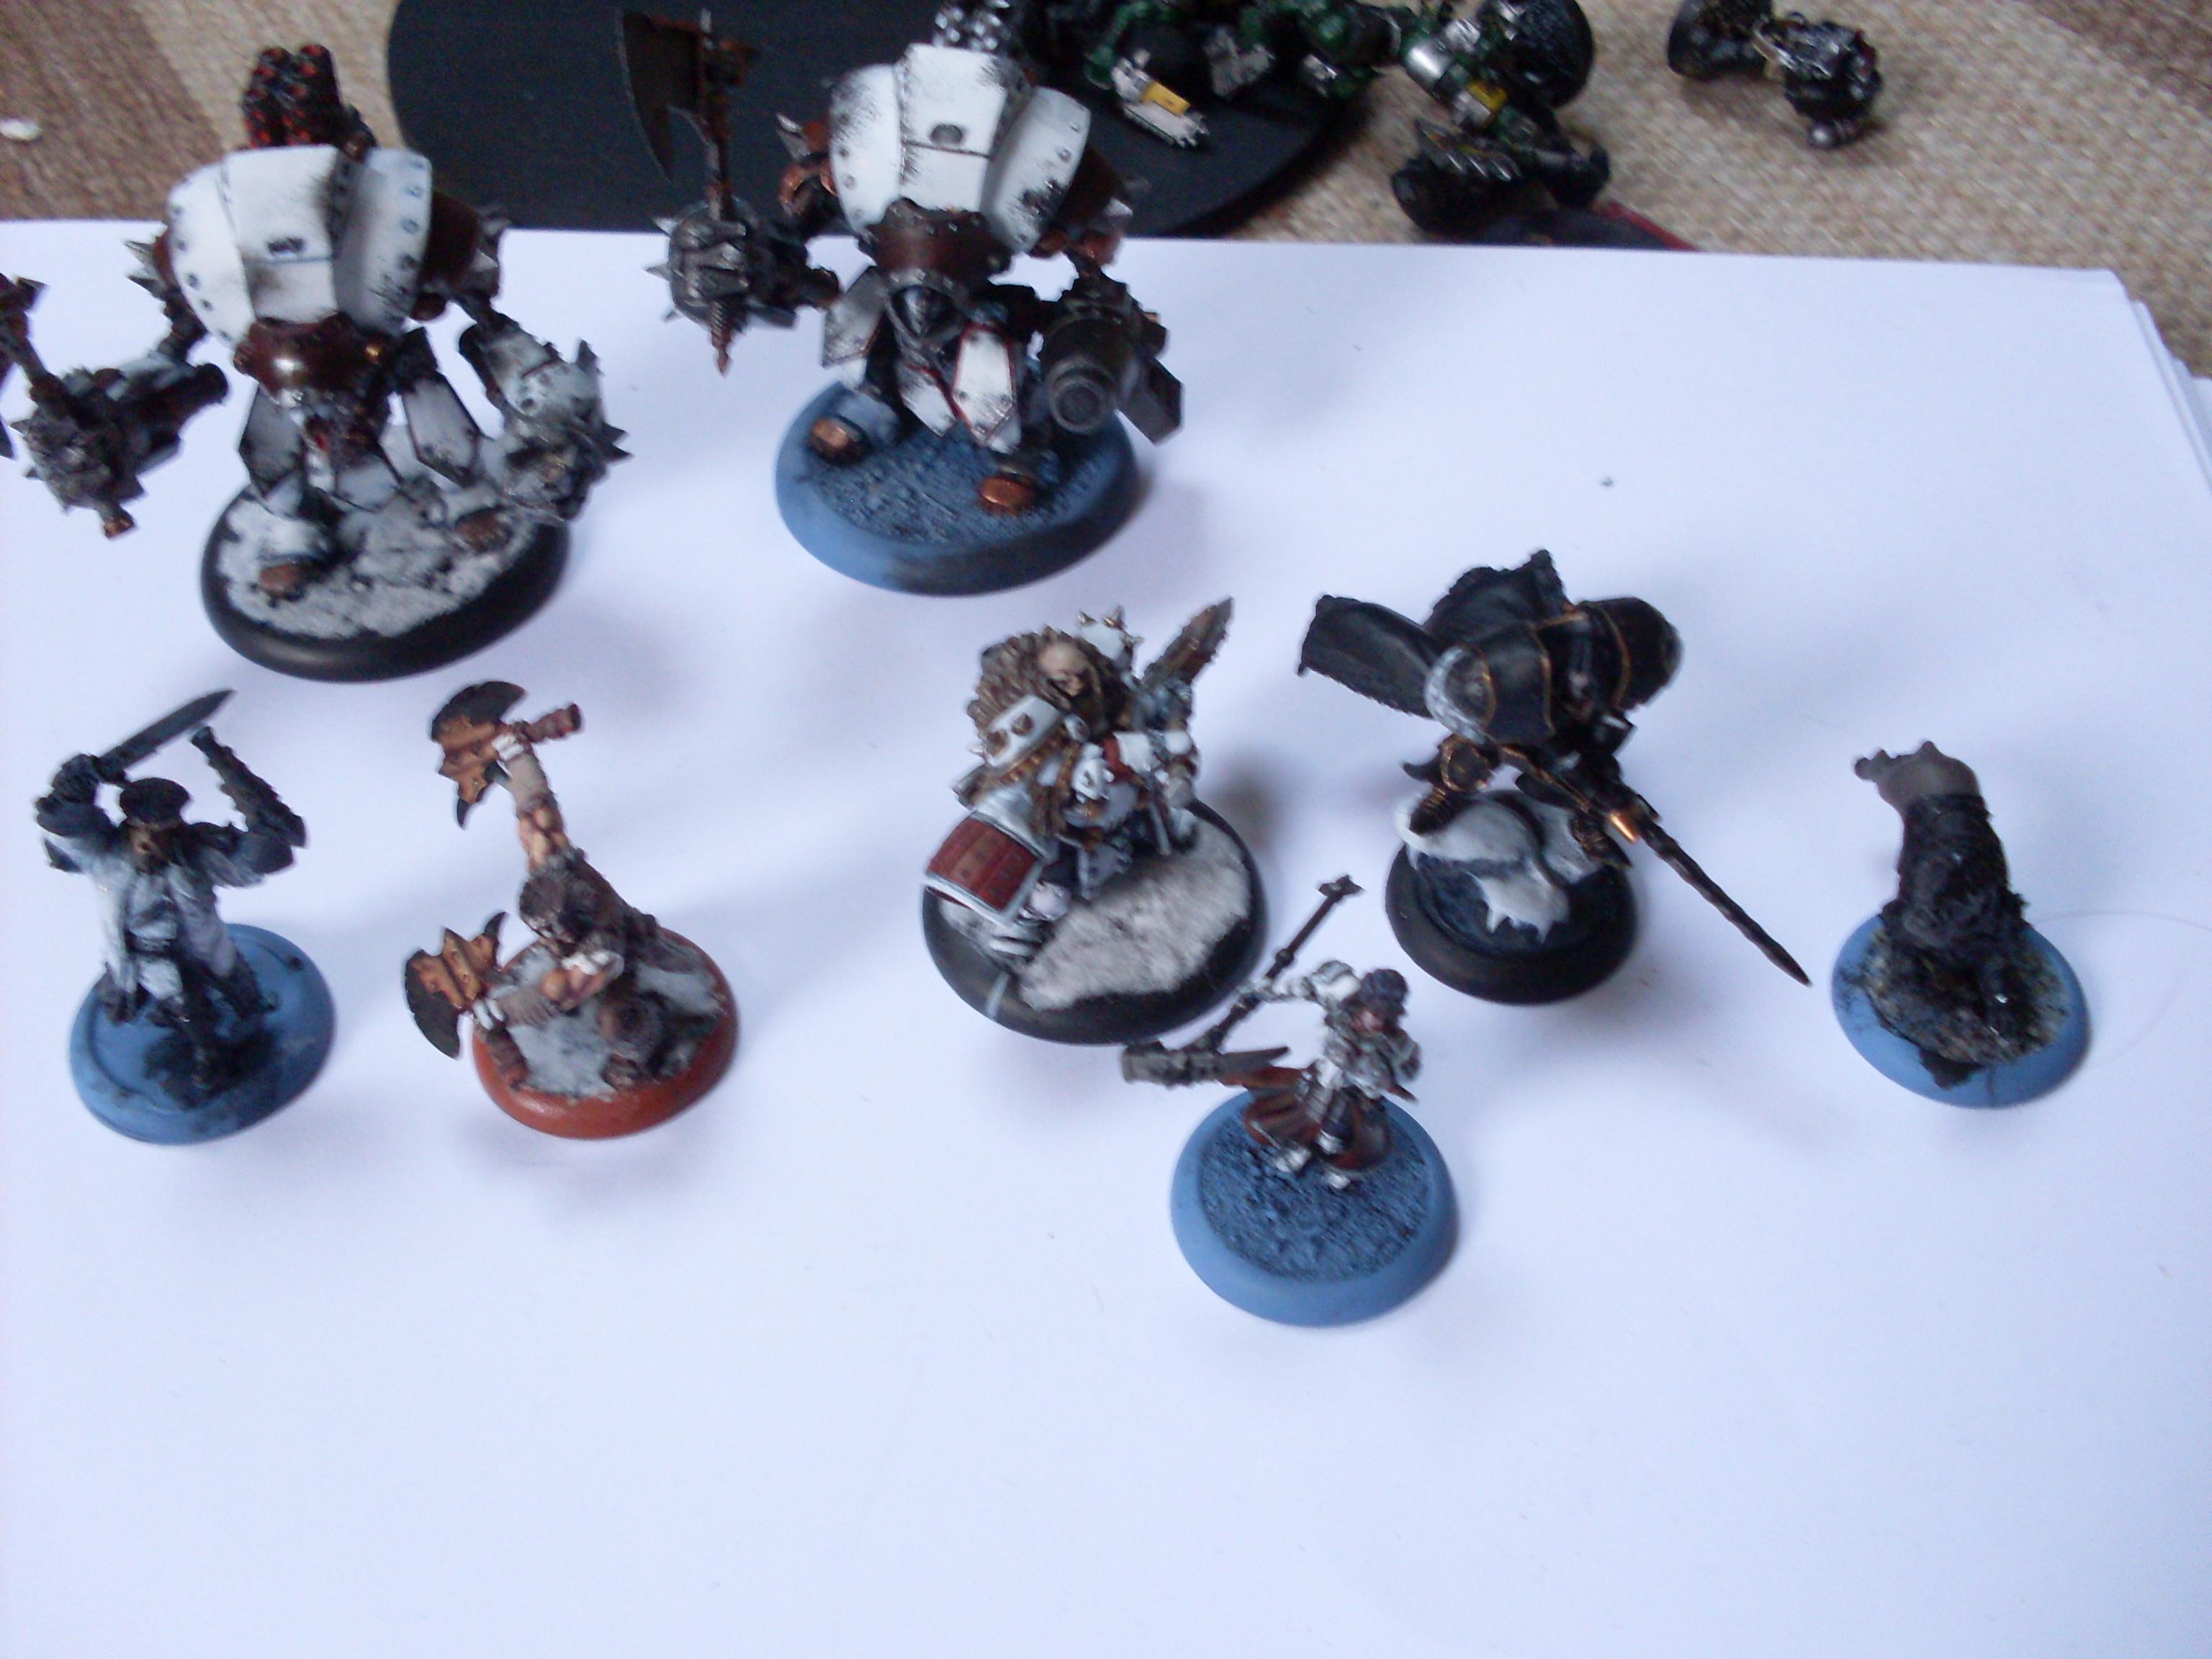 My Khador army so far (06/15)